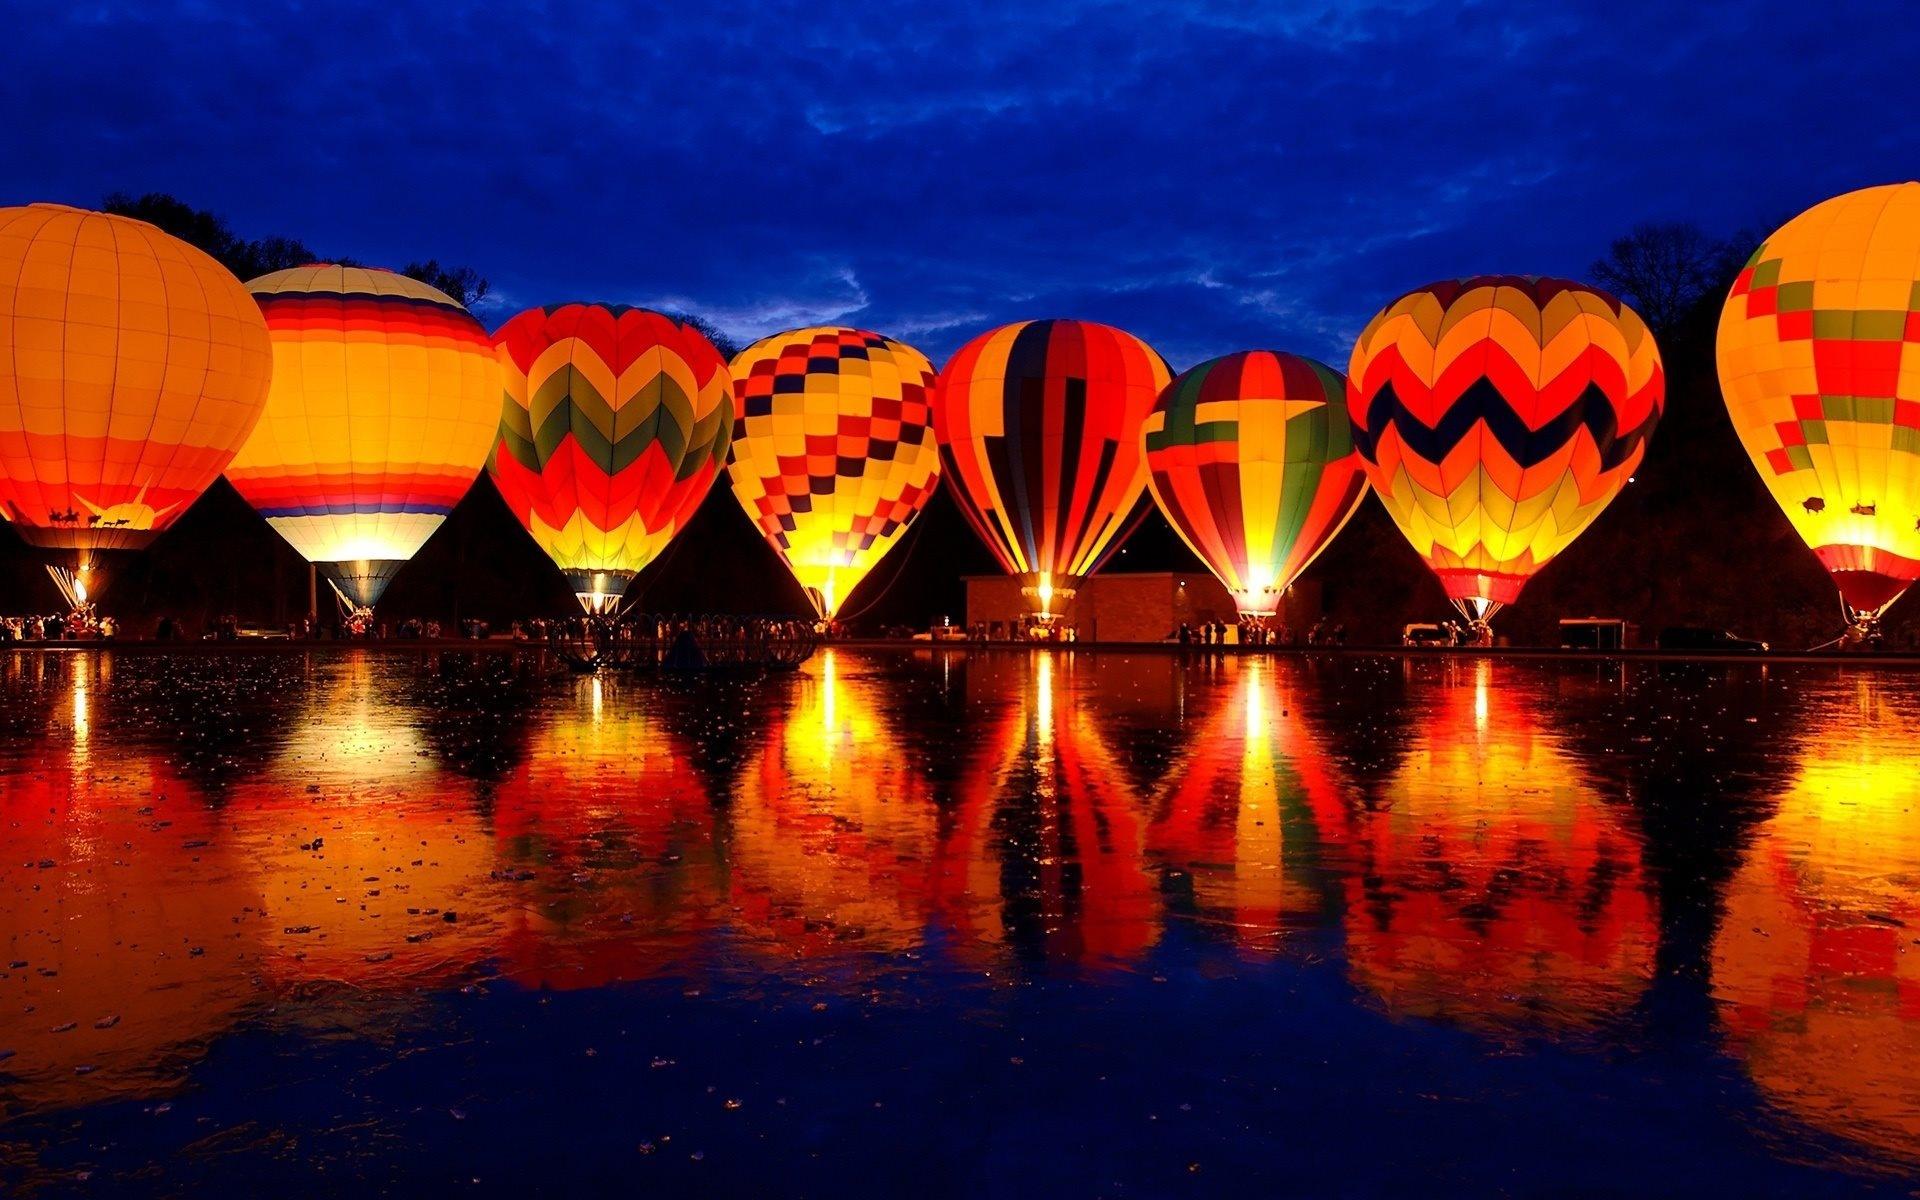 природа деревья архитектура мост воздушные шары аэростаты nature trees architecture the bridge air balls balloons  № 2627725 без смс